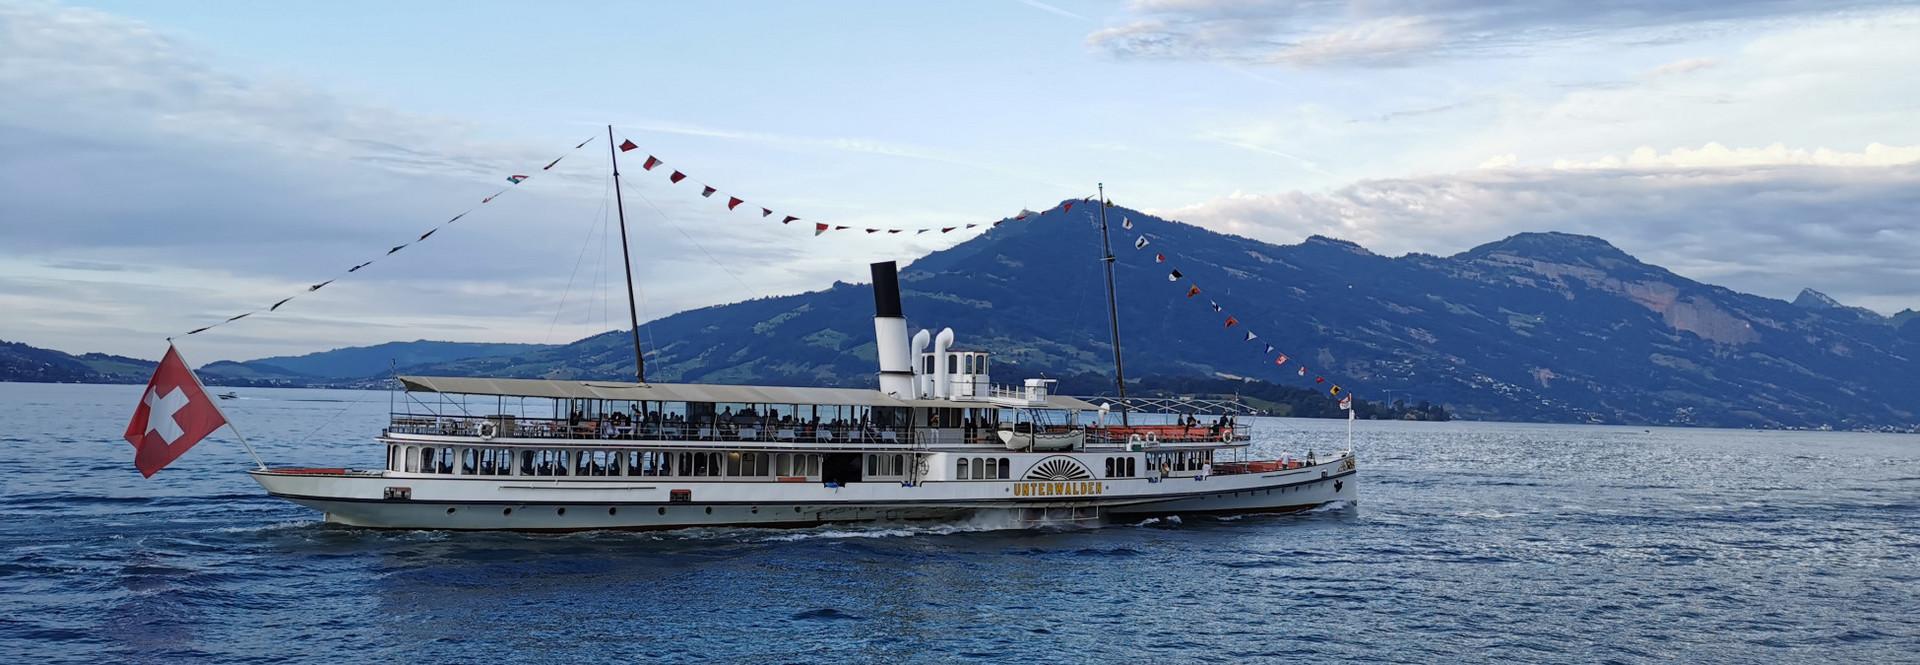 Gäste verbringen einen wunderbaren 1. August-Abend auf dem Dampfschiff Unterwalden auf dem Vierwaldstättersee.